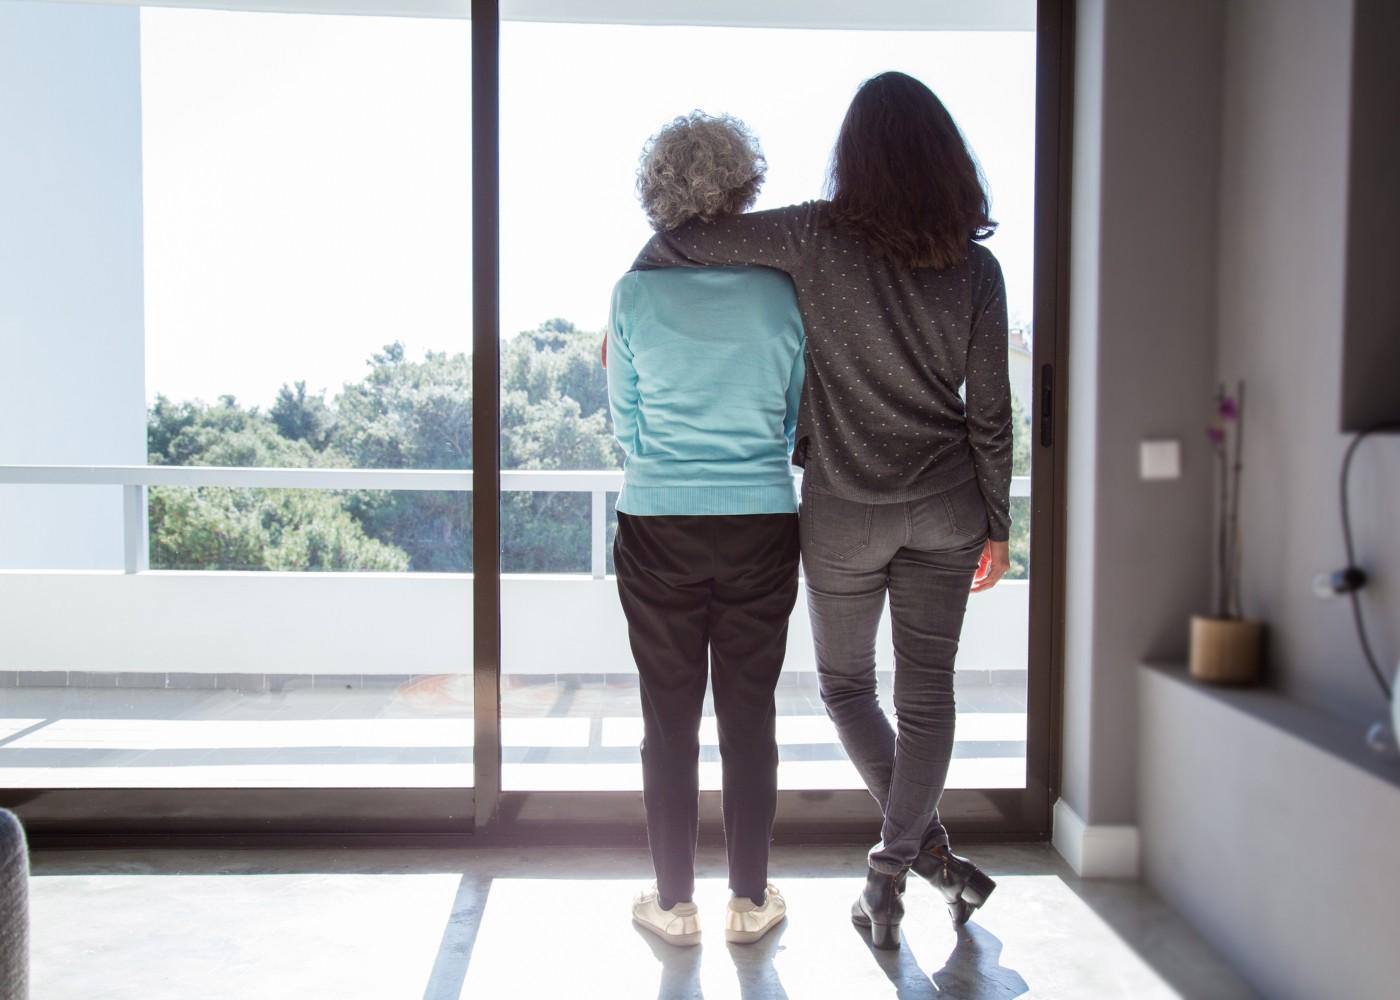 jovem abraçada a idosa a olharem pela janela